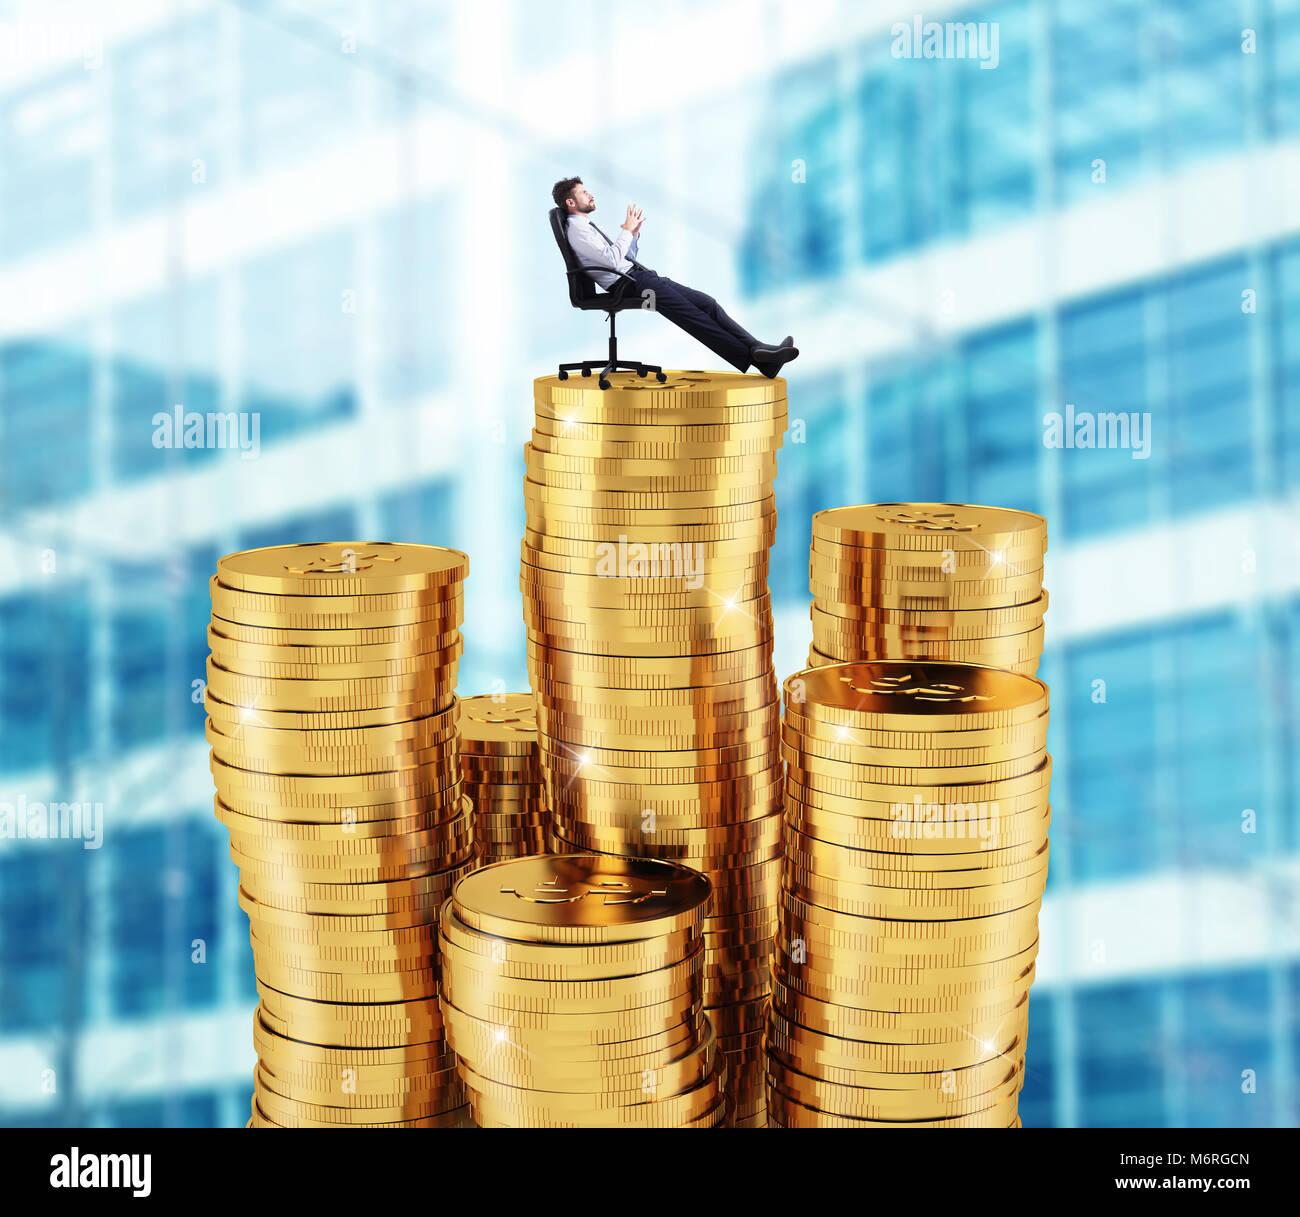 Homme d'affaires réussi vous détendre plutôt que des piles d'argent. Concept de la réussite Photo Stock